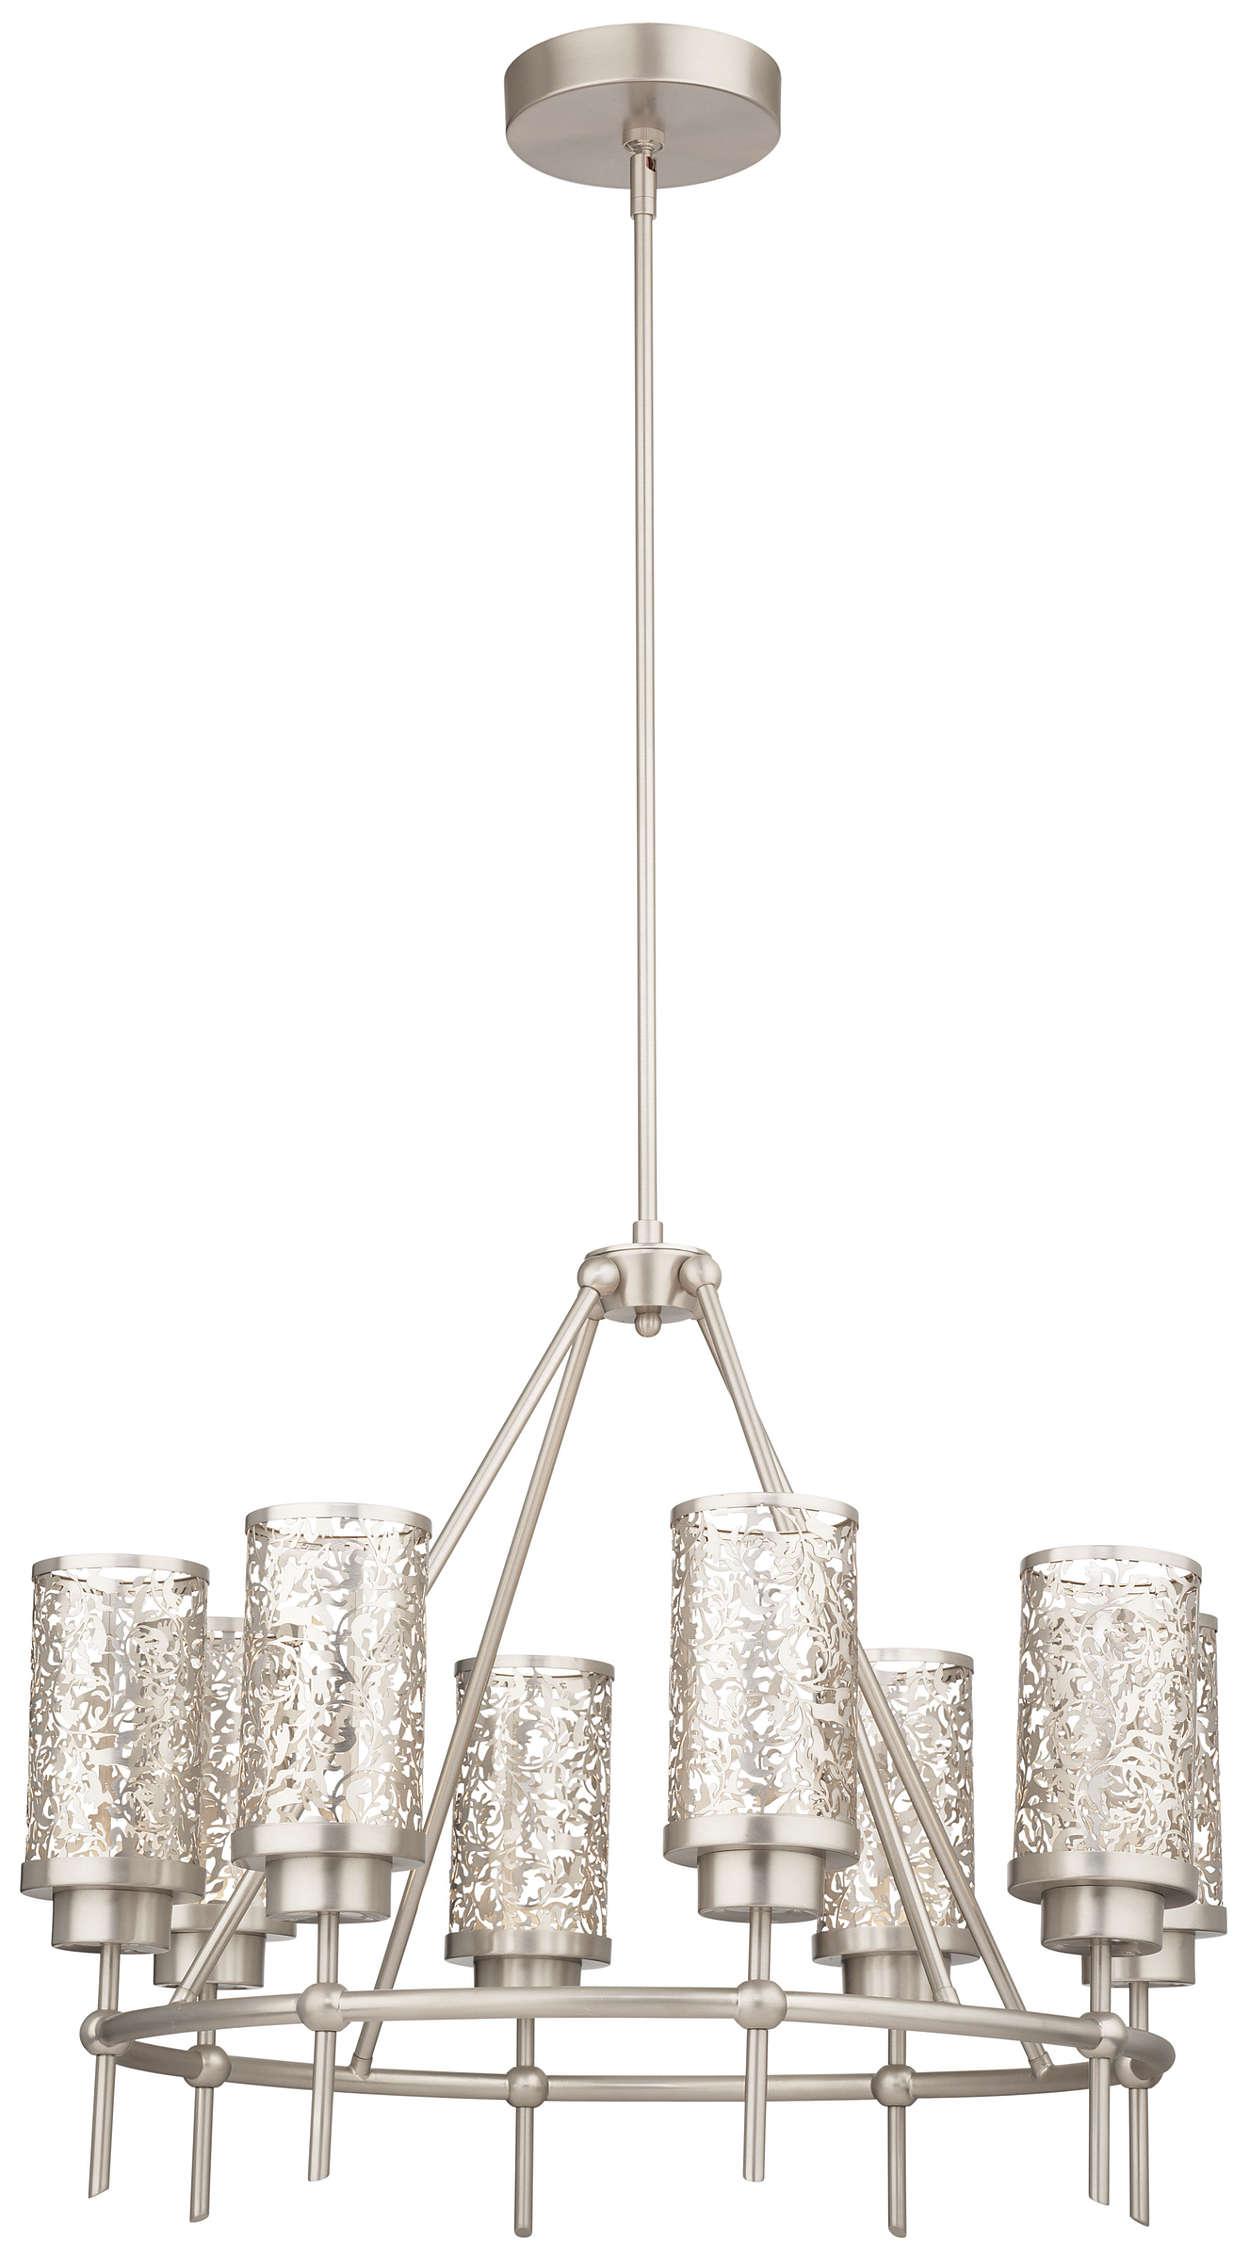 Brocade 8-light LED Chandelier, Brushed Nickel